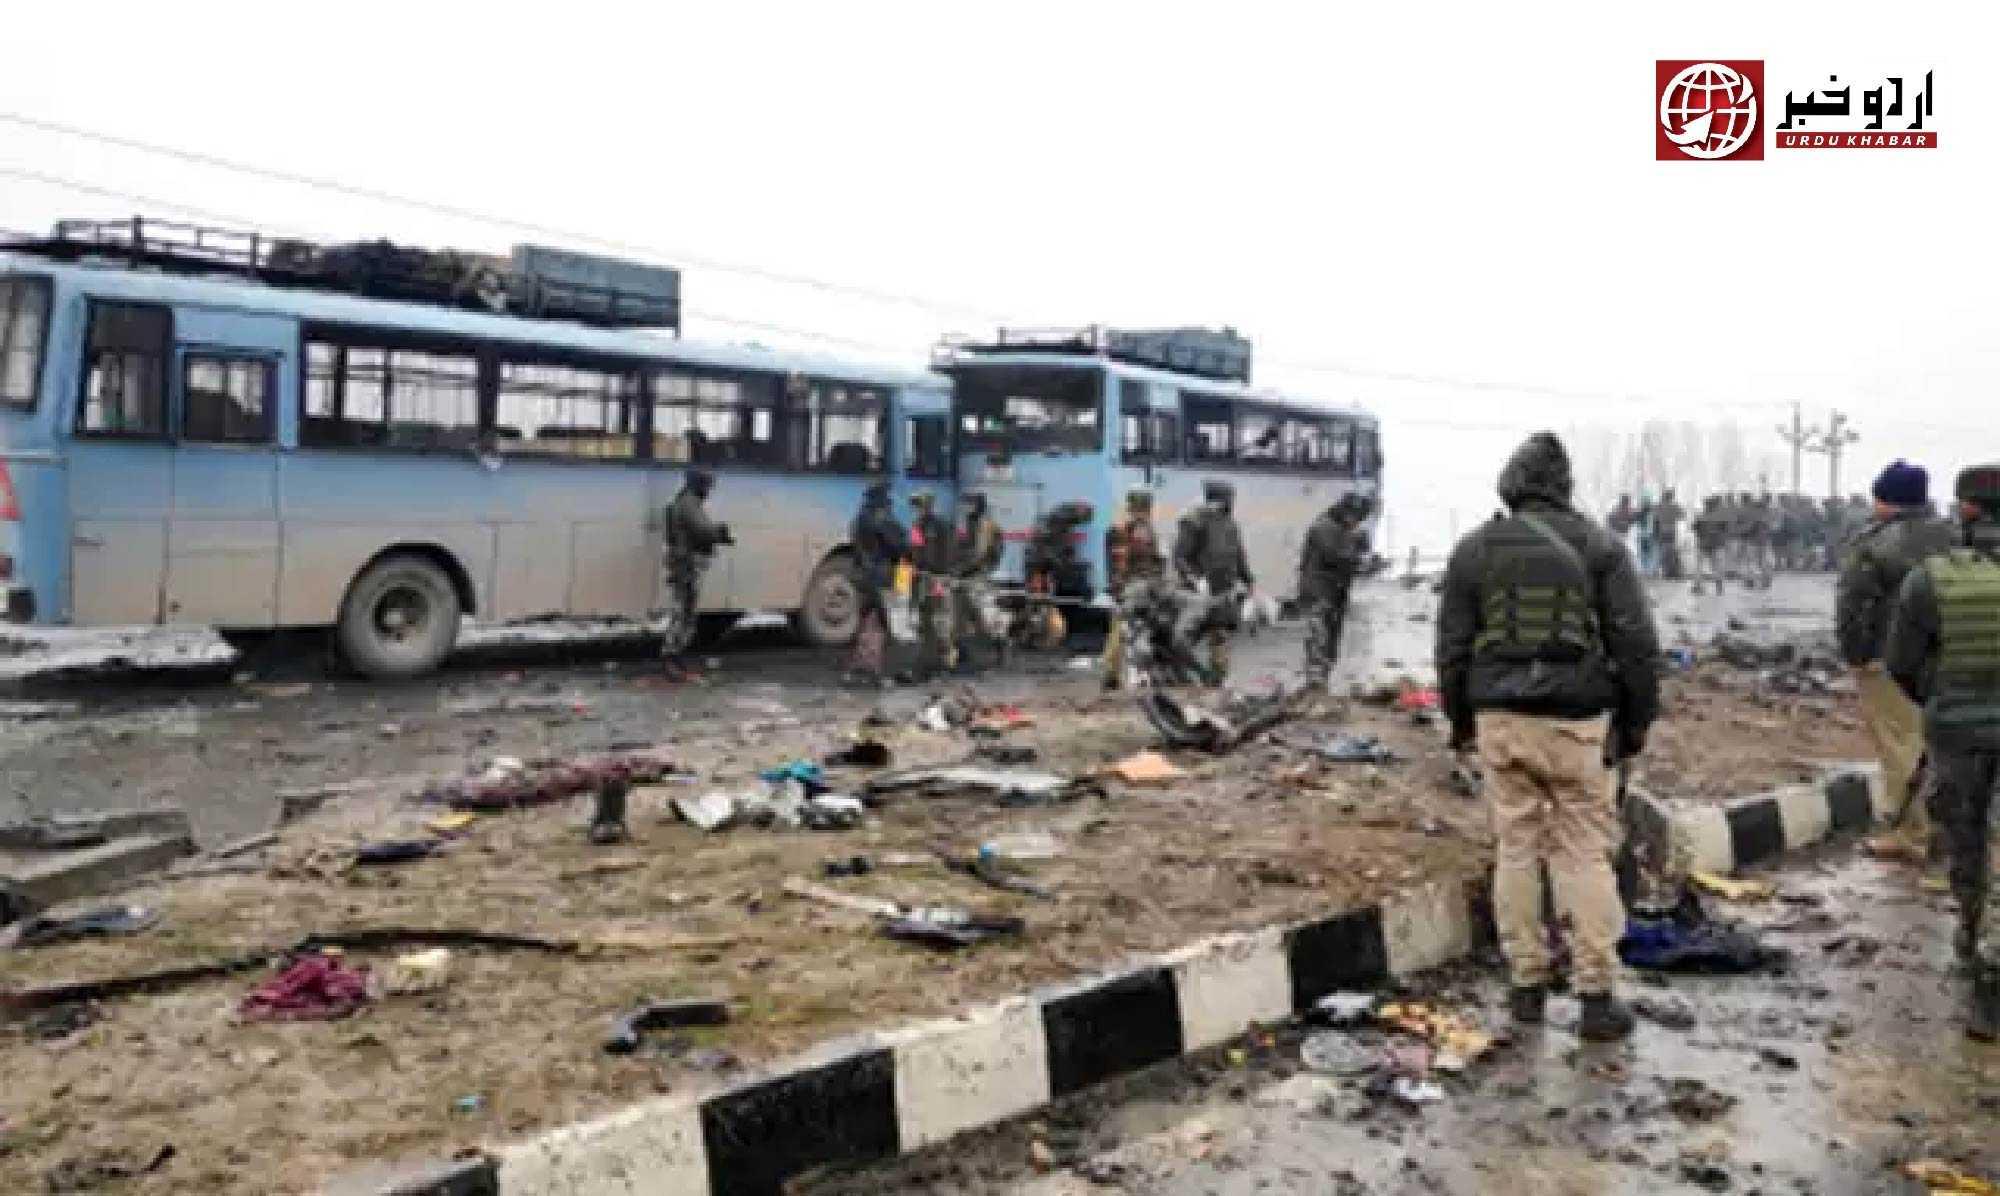 انڈیا 4 بڑے دہشتگردانہ واقعات میں ملوث ہے، ثبوت بھی موجود ہیں